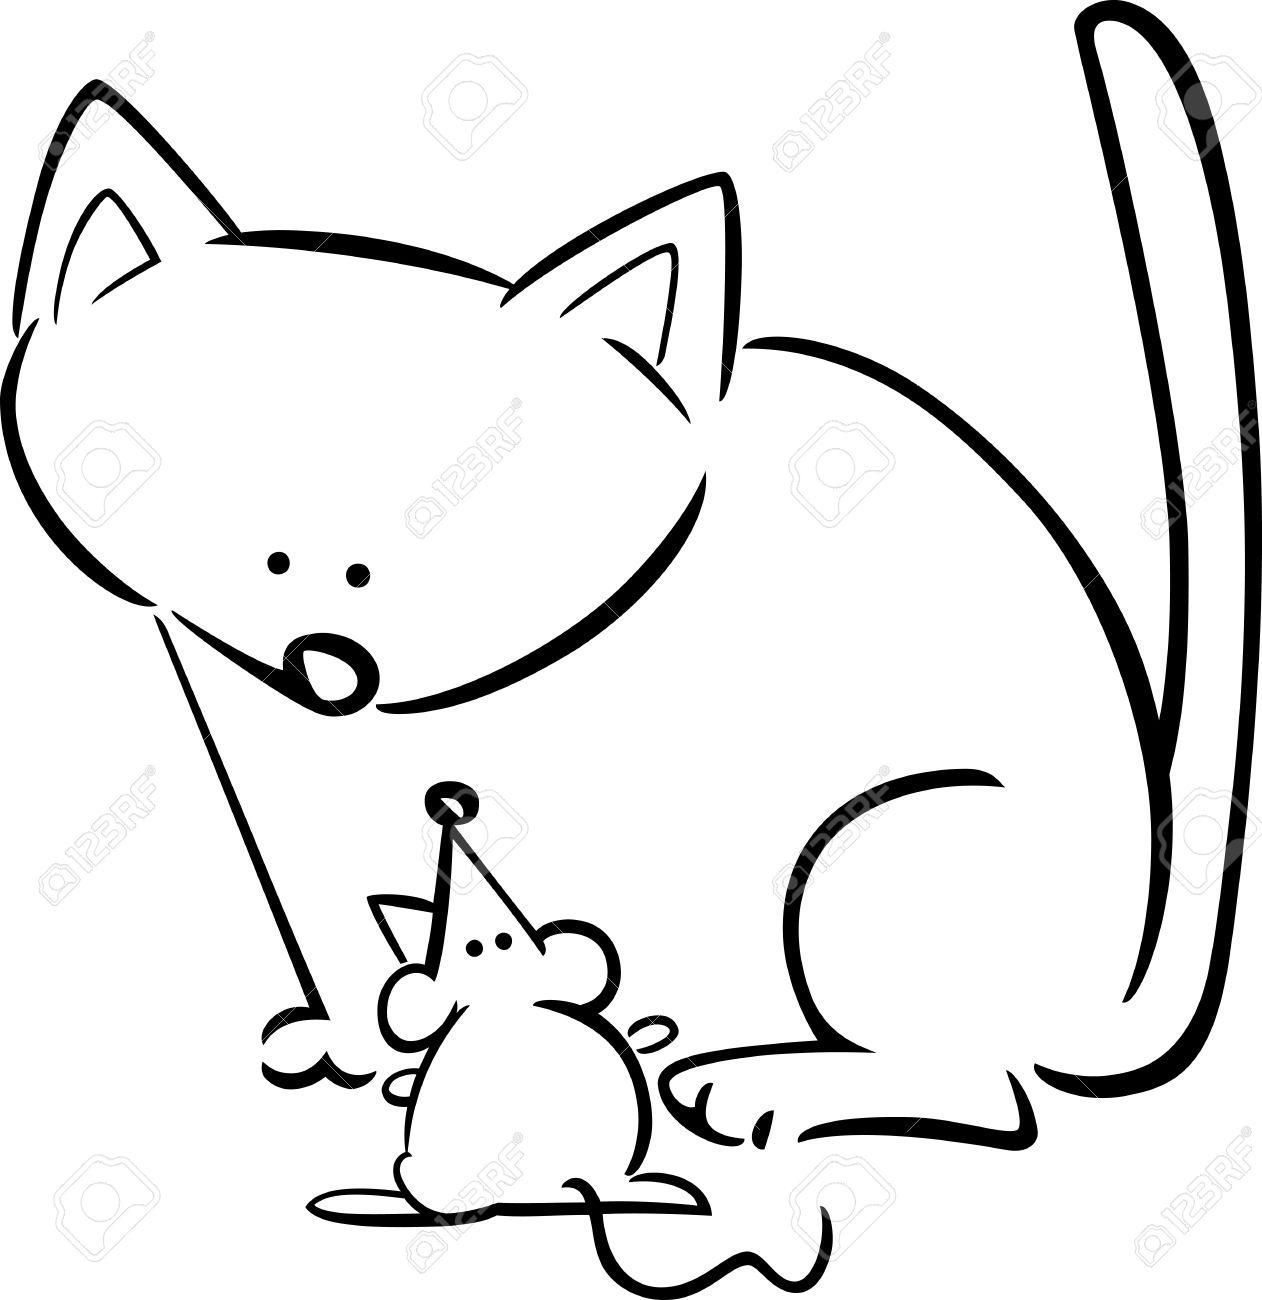 De Dibujos Animados Dibujo Ilustración De Gato Y El Ratón Para Libro Para Colorear